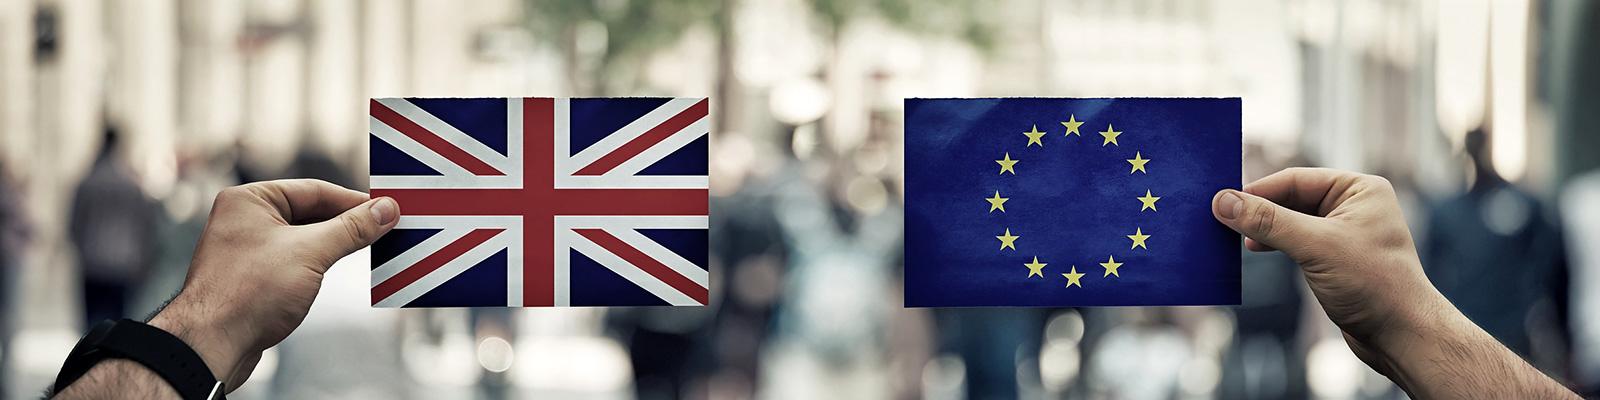 Brexit UK EU 対立 イメージ